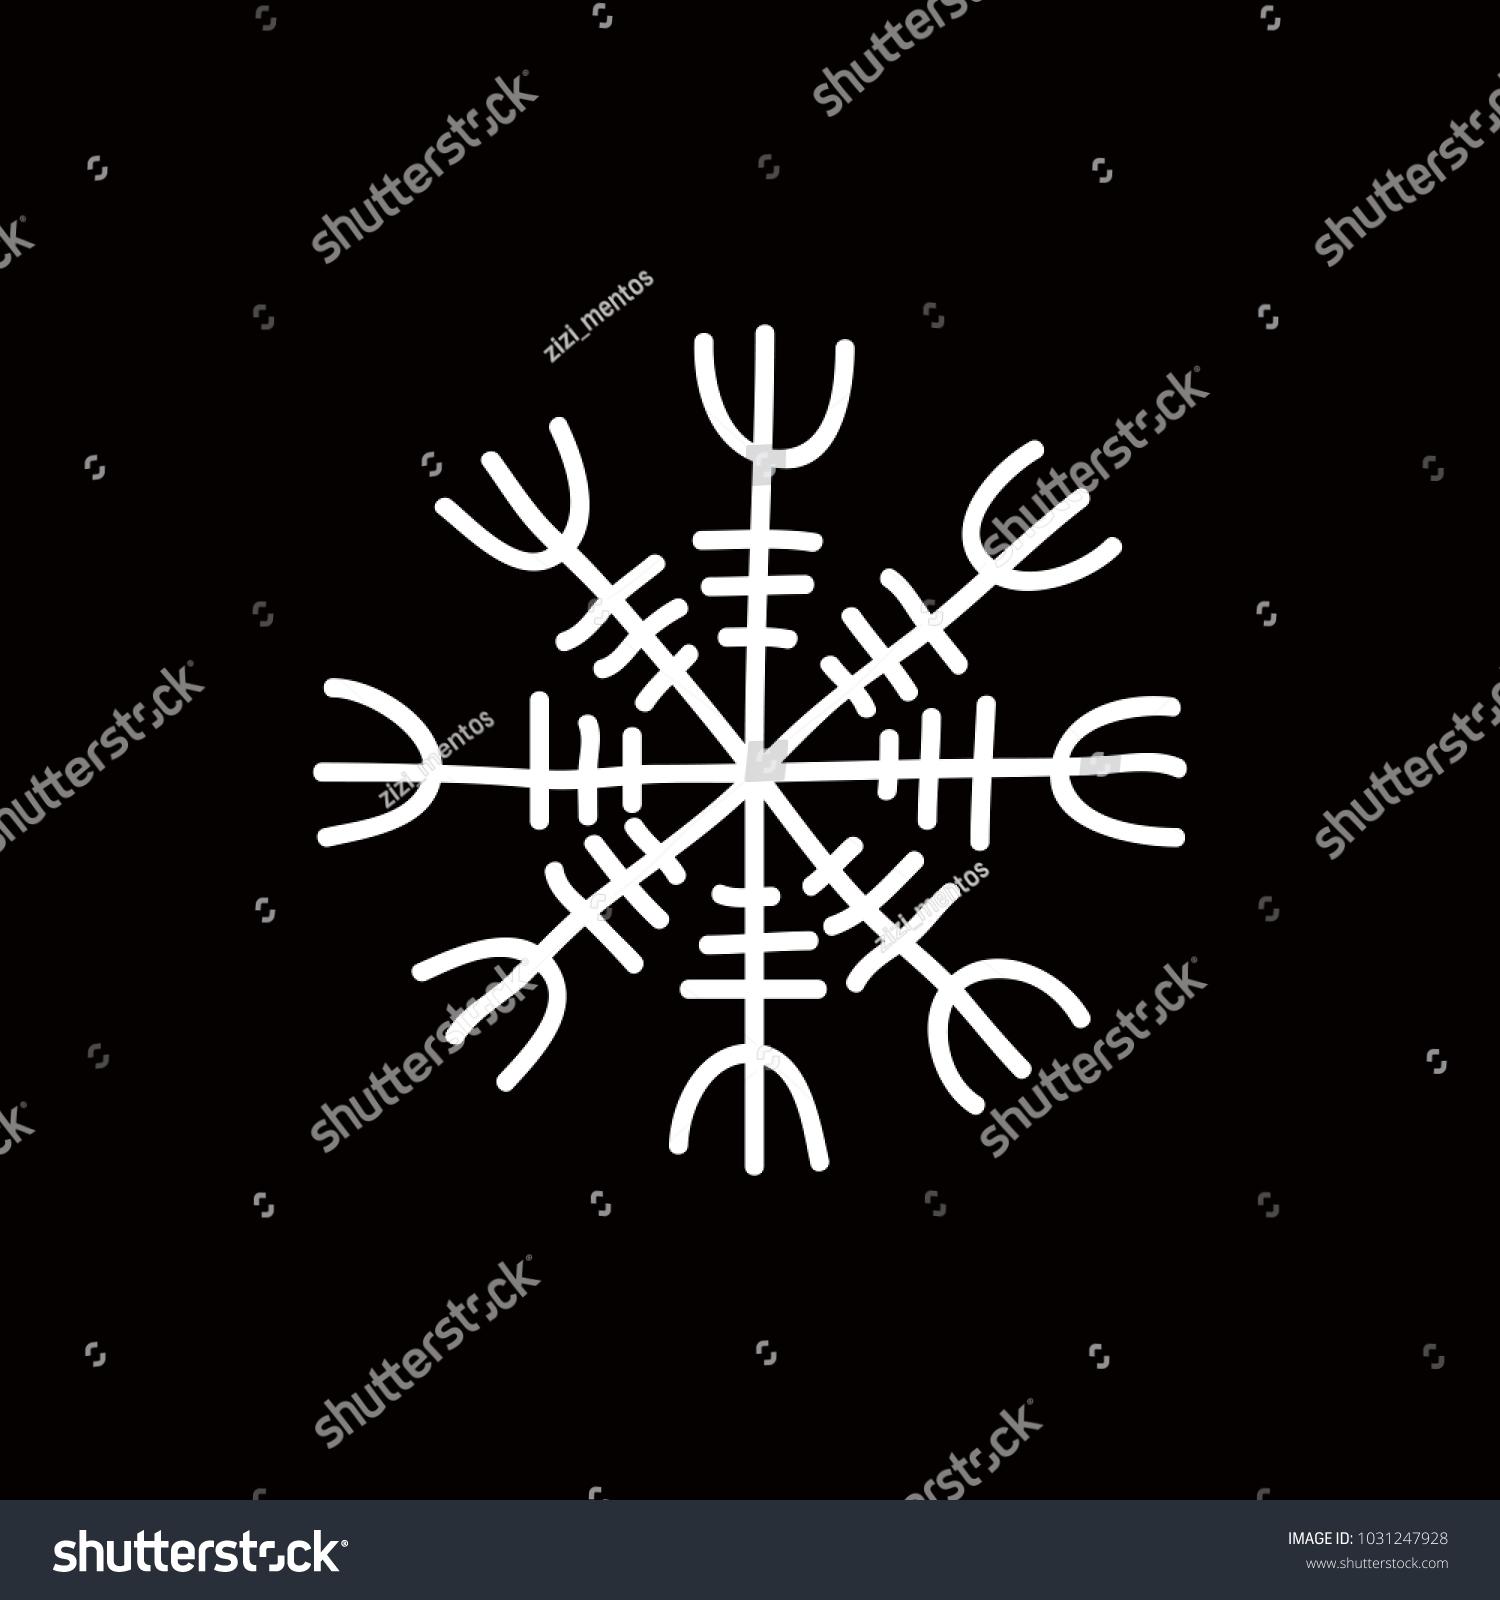 Icelandic magic runic sign aegishjalmur doodle stock vector icelandic magic runic sign aegishjalmur doodle icon buycottarizona Choice Image